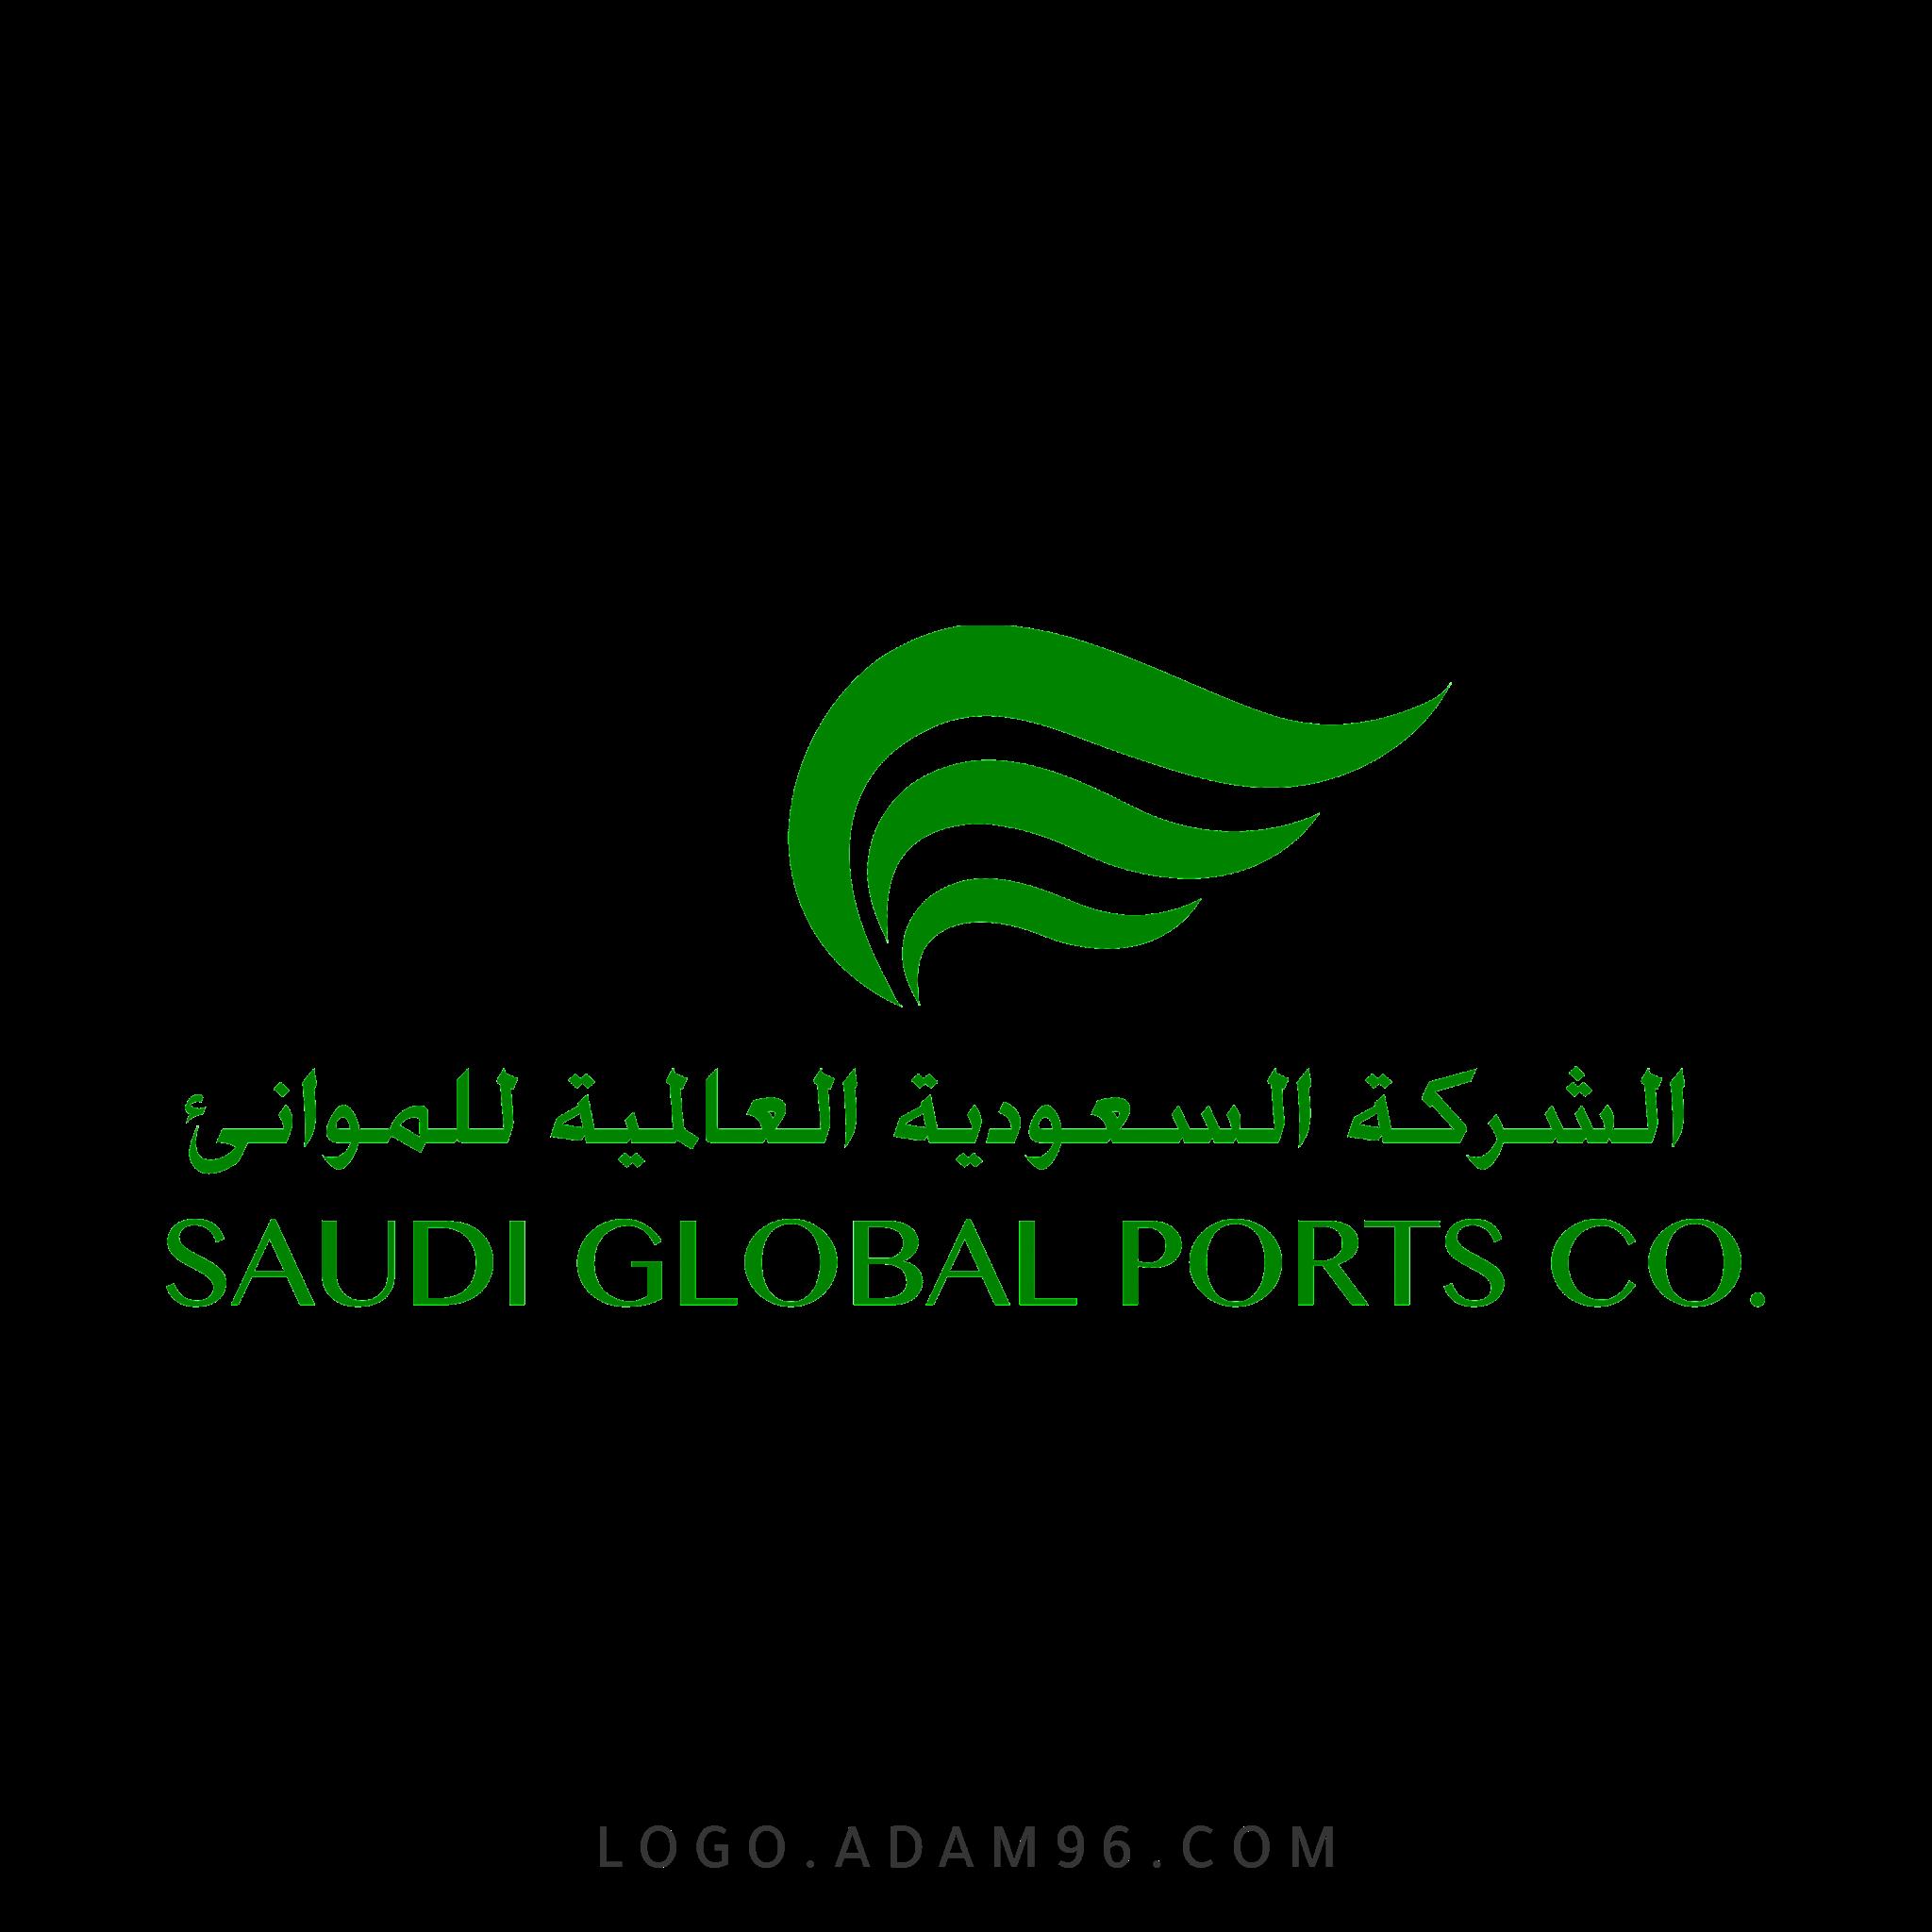 تحميل شعار الشركة السعودية للموانئ لوجو رسمي عالي الدقة بصيغة شفافة PNG